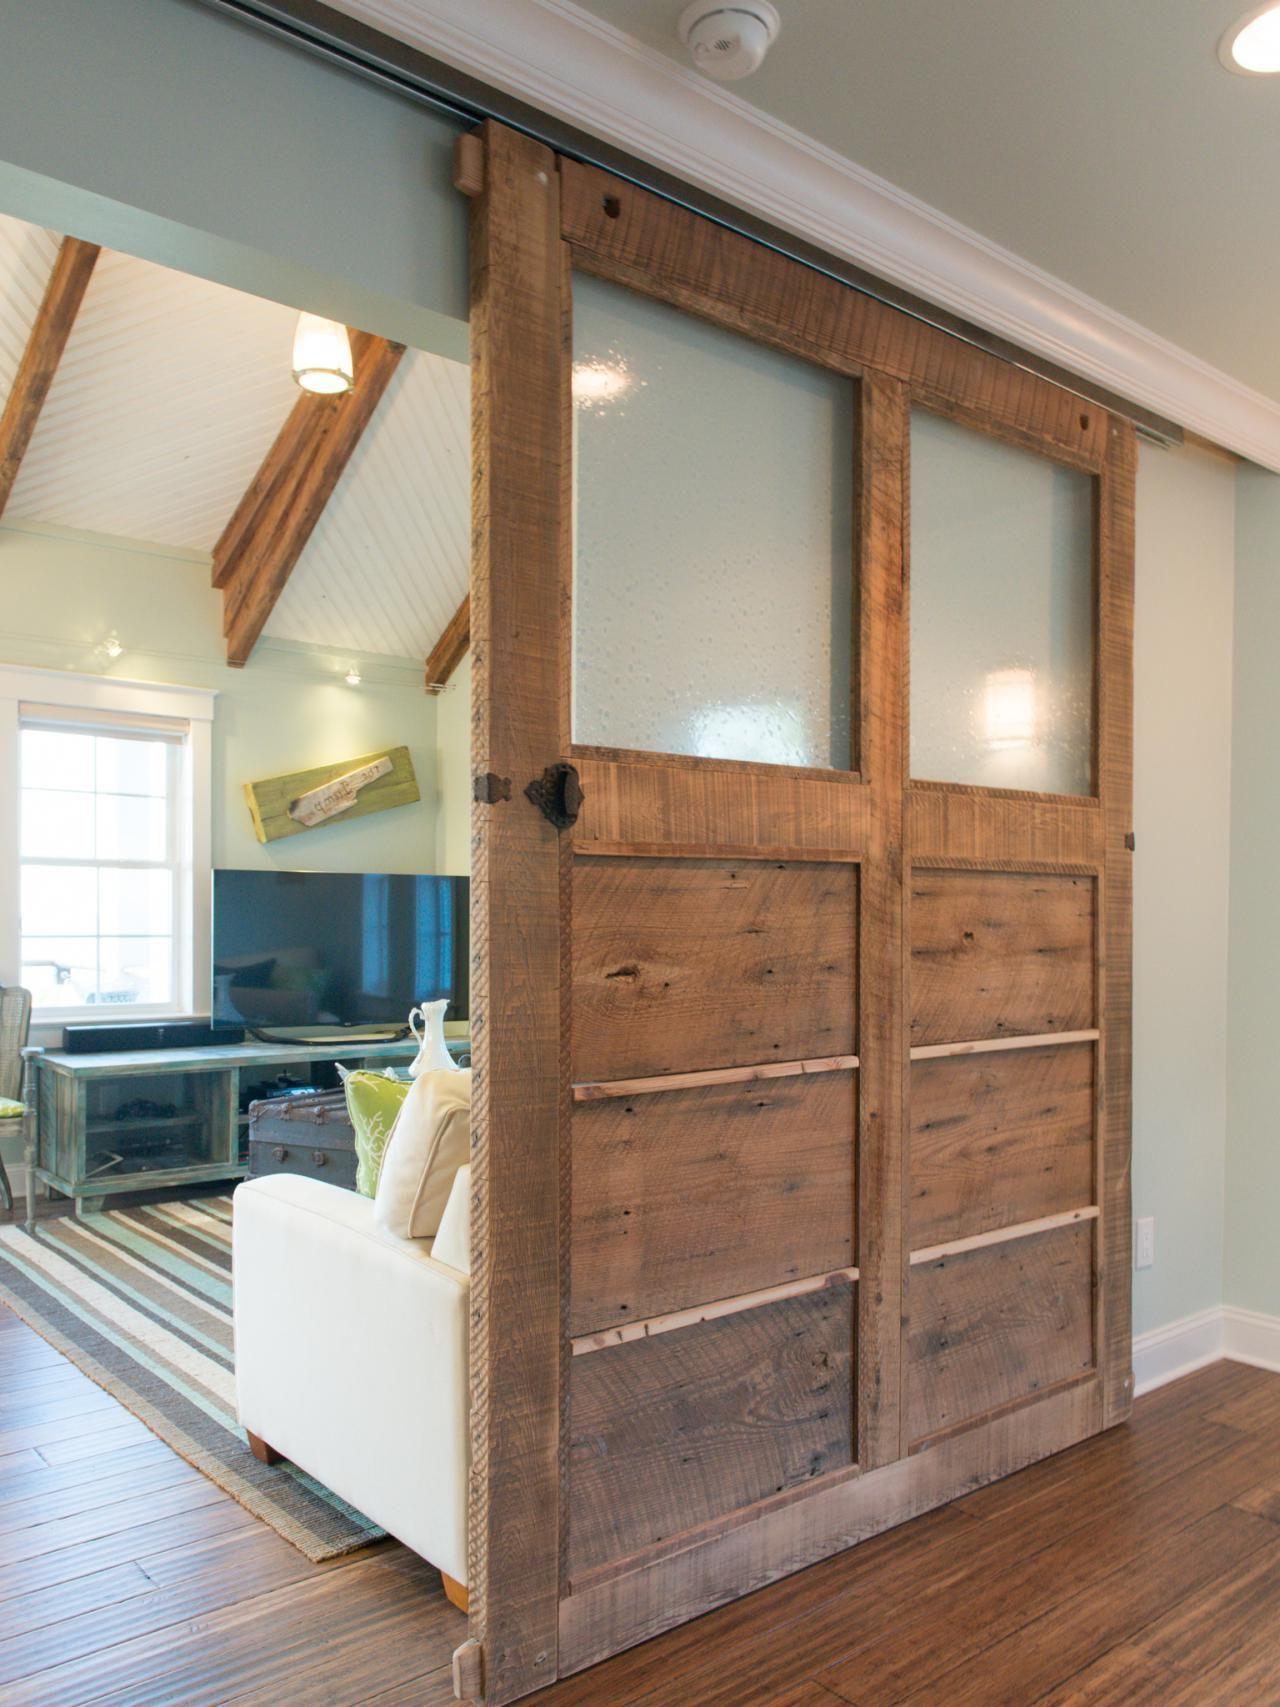 Wooden rolling interior door